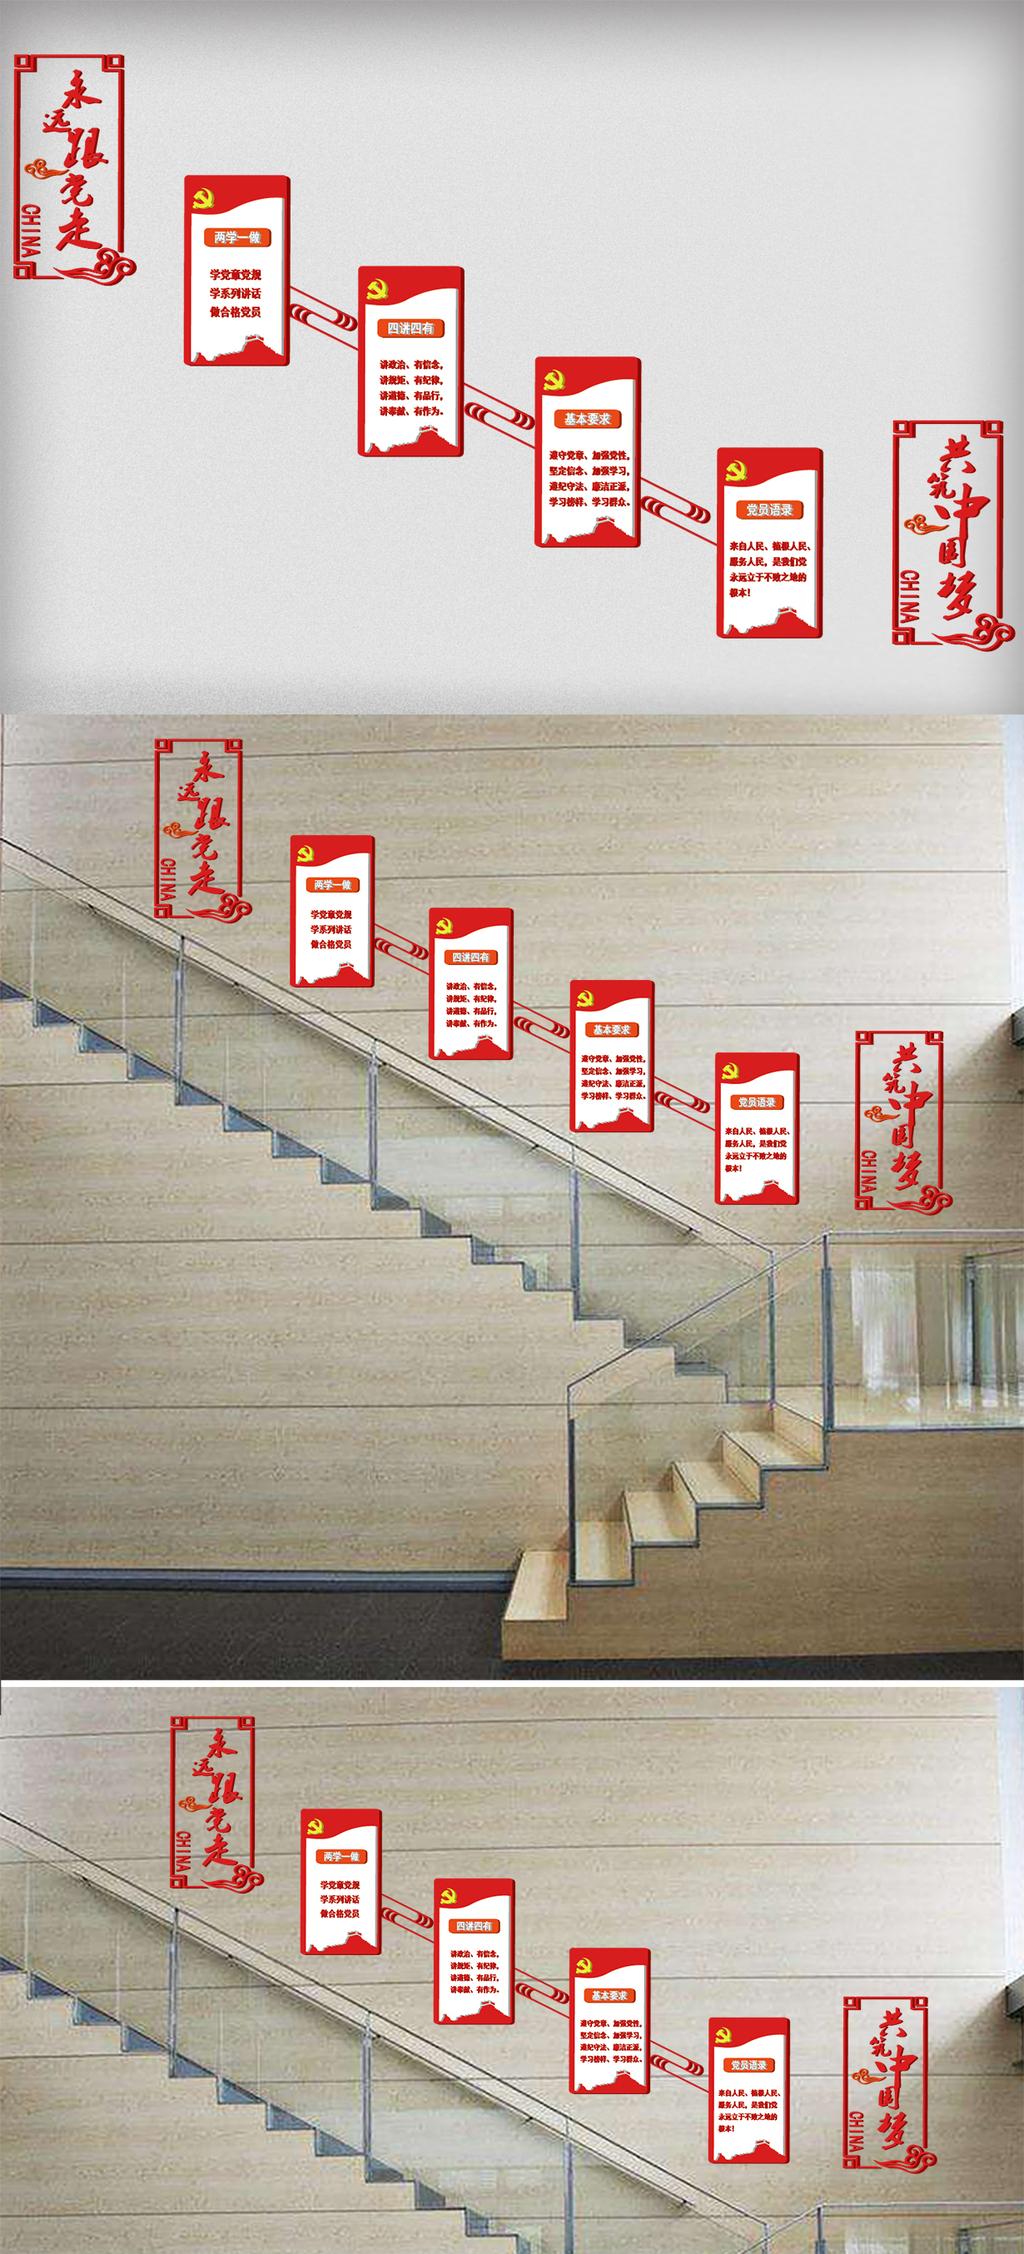 2017年楼道走廊红色党建文化墙设图片设计素材 高清AI模板下载 3.